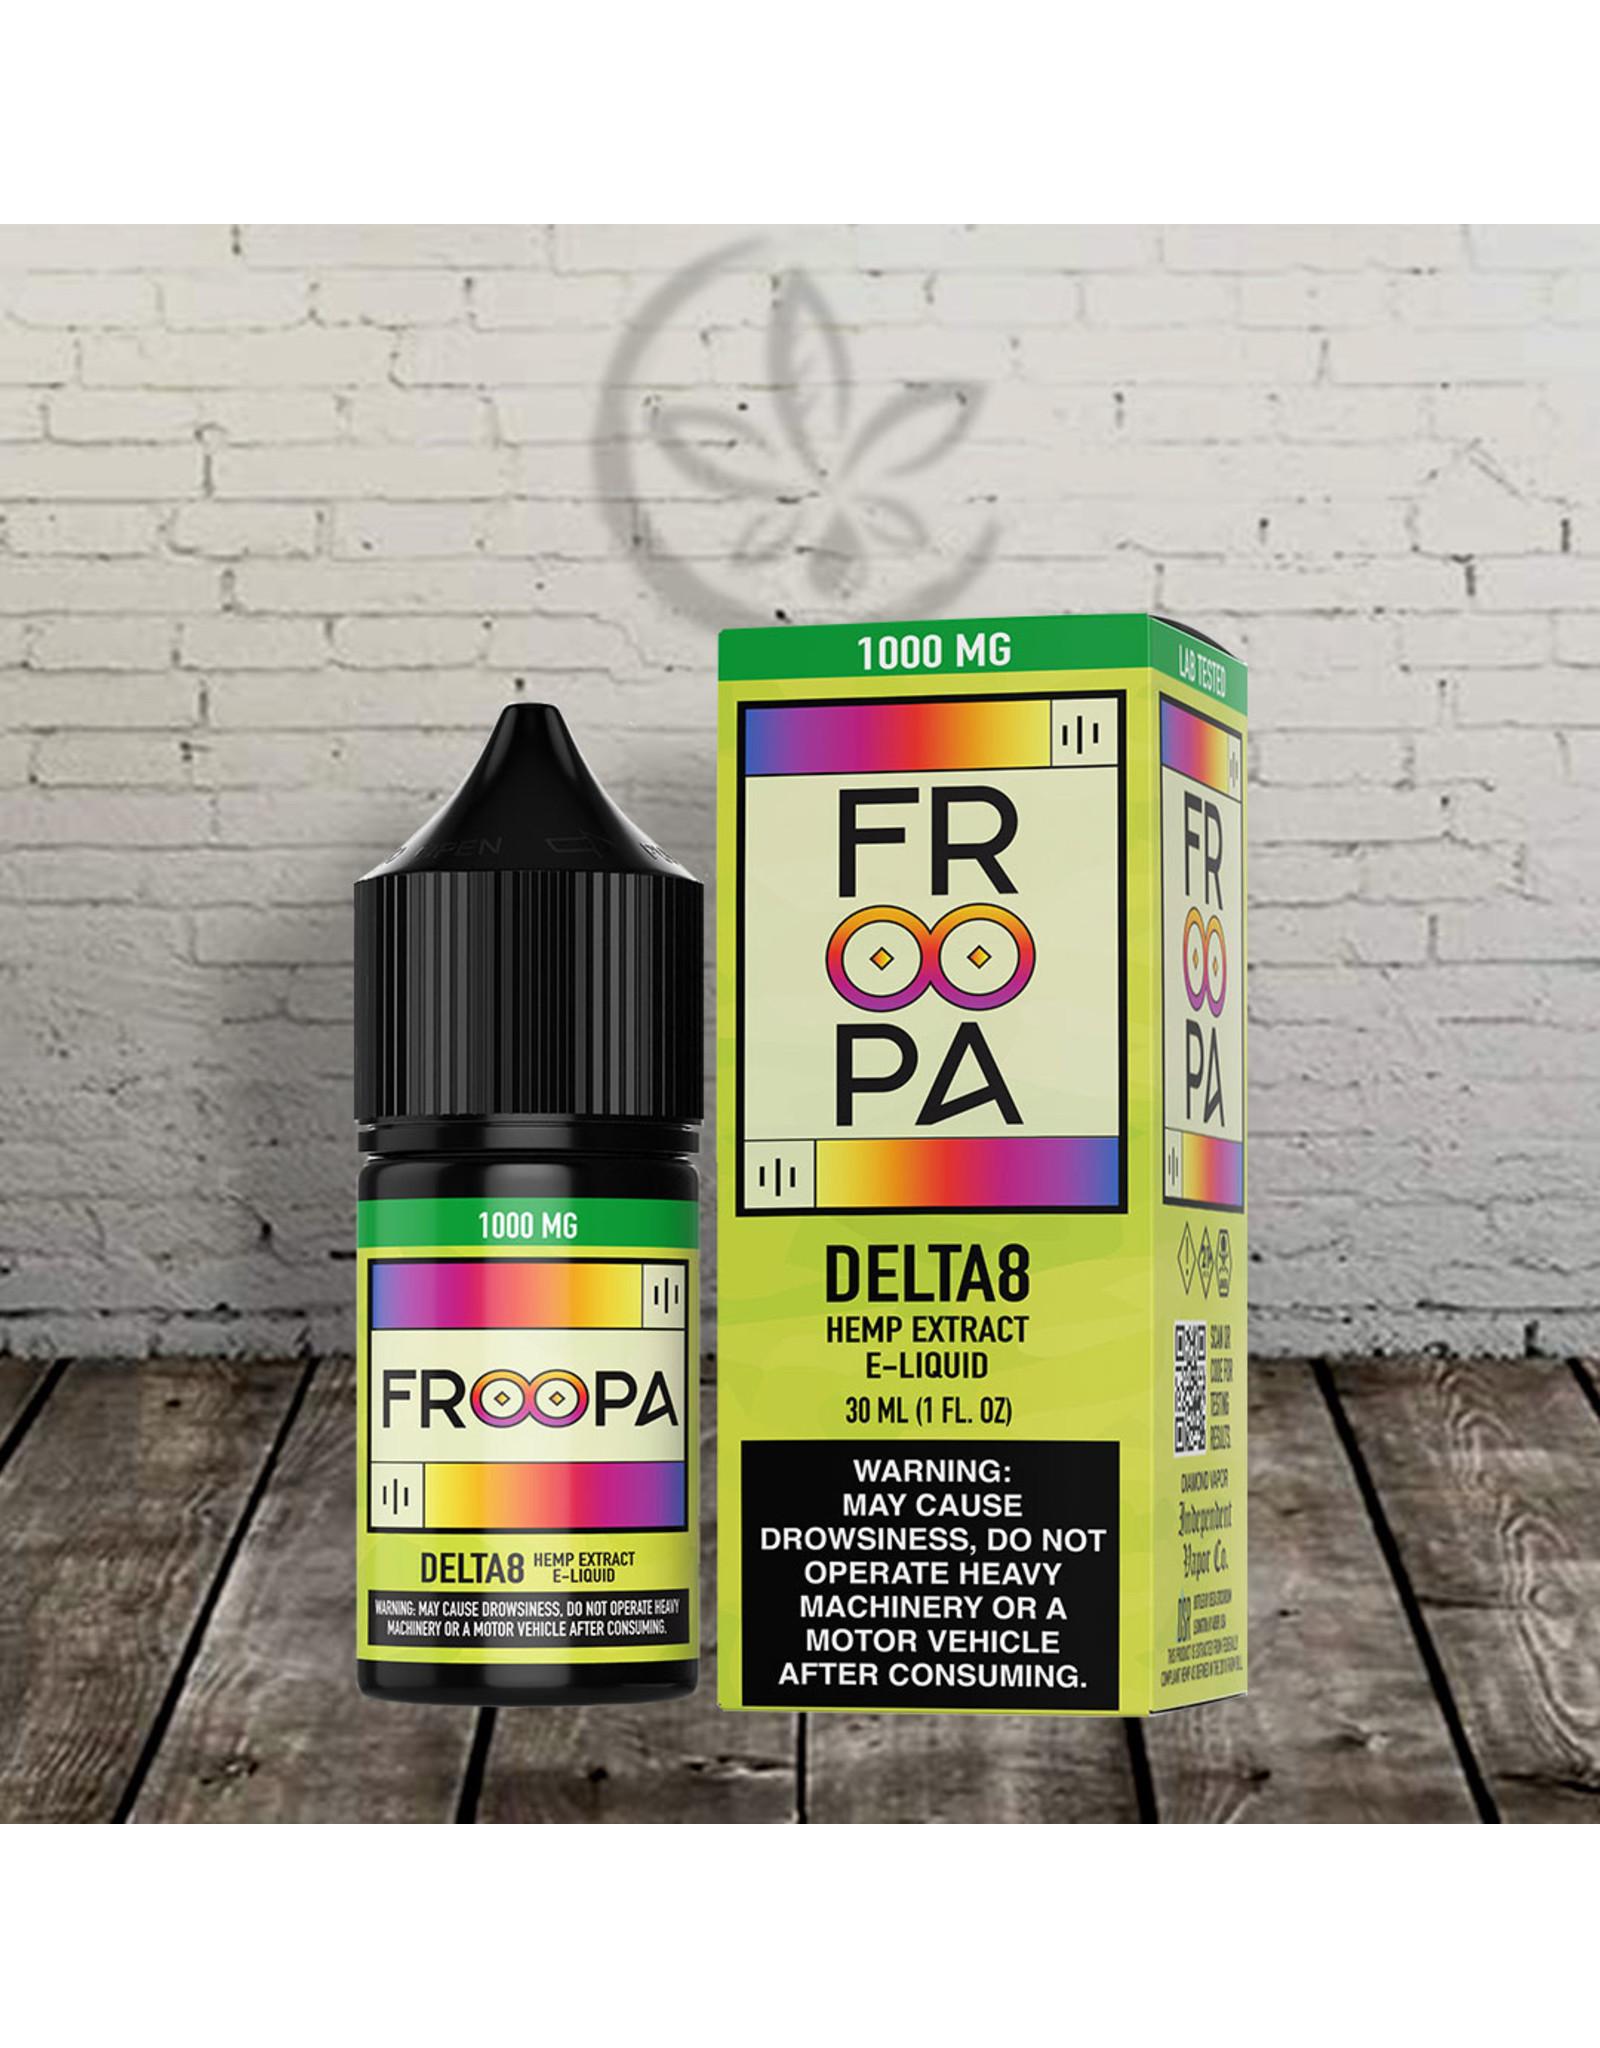 Froopa d8 E-liquid